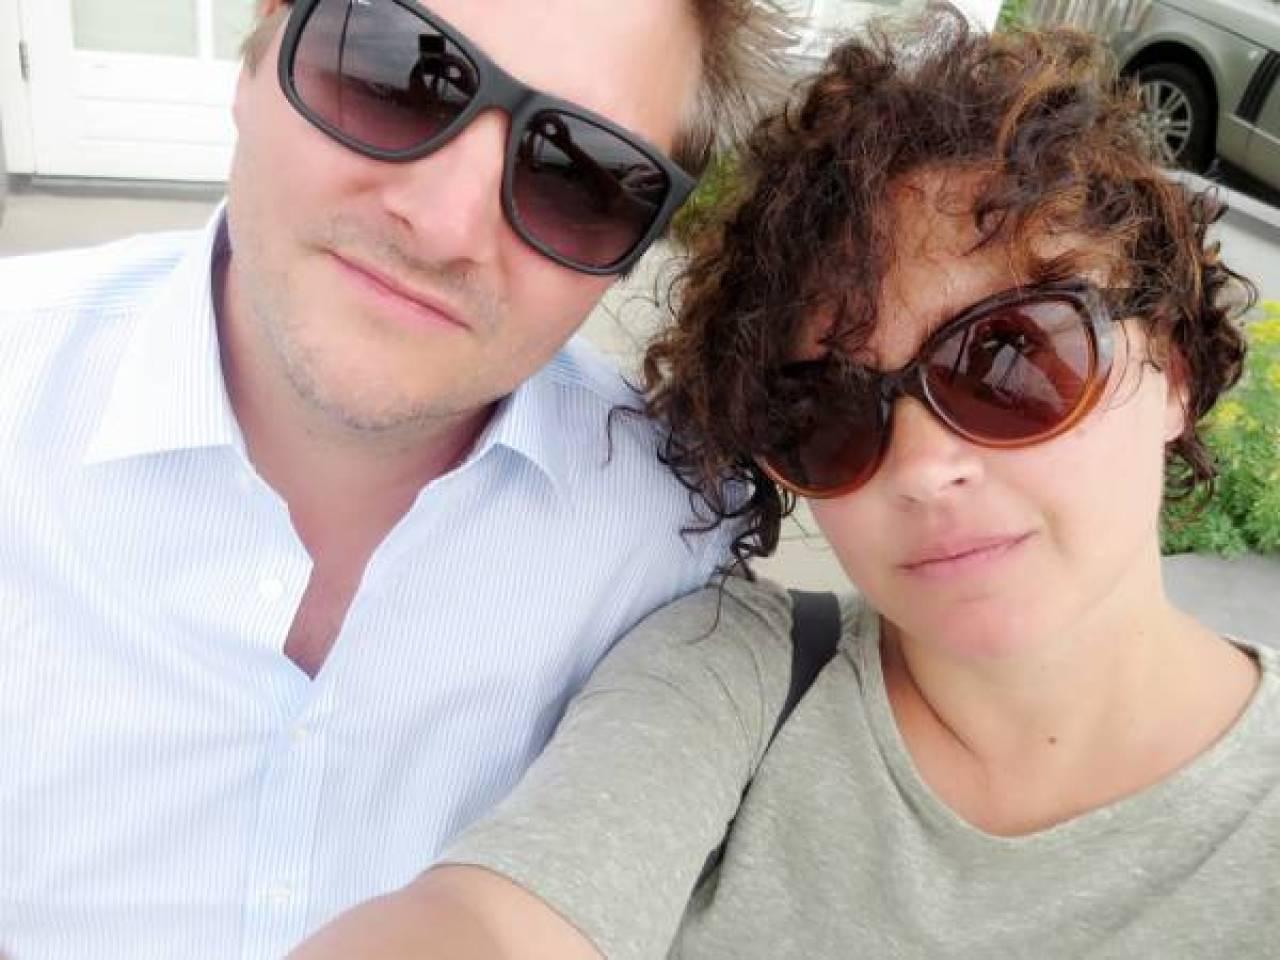 BeautyPlus 20170630211730 save - Beachclub Bries in Noordwijk aan zee